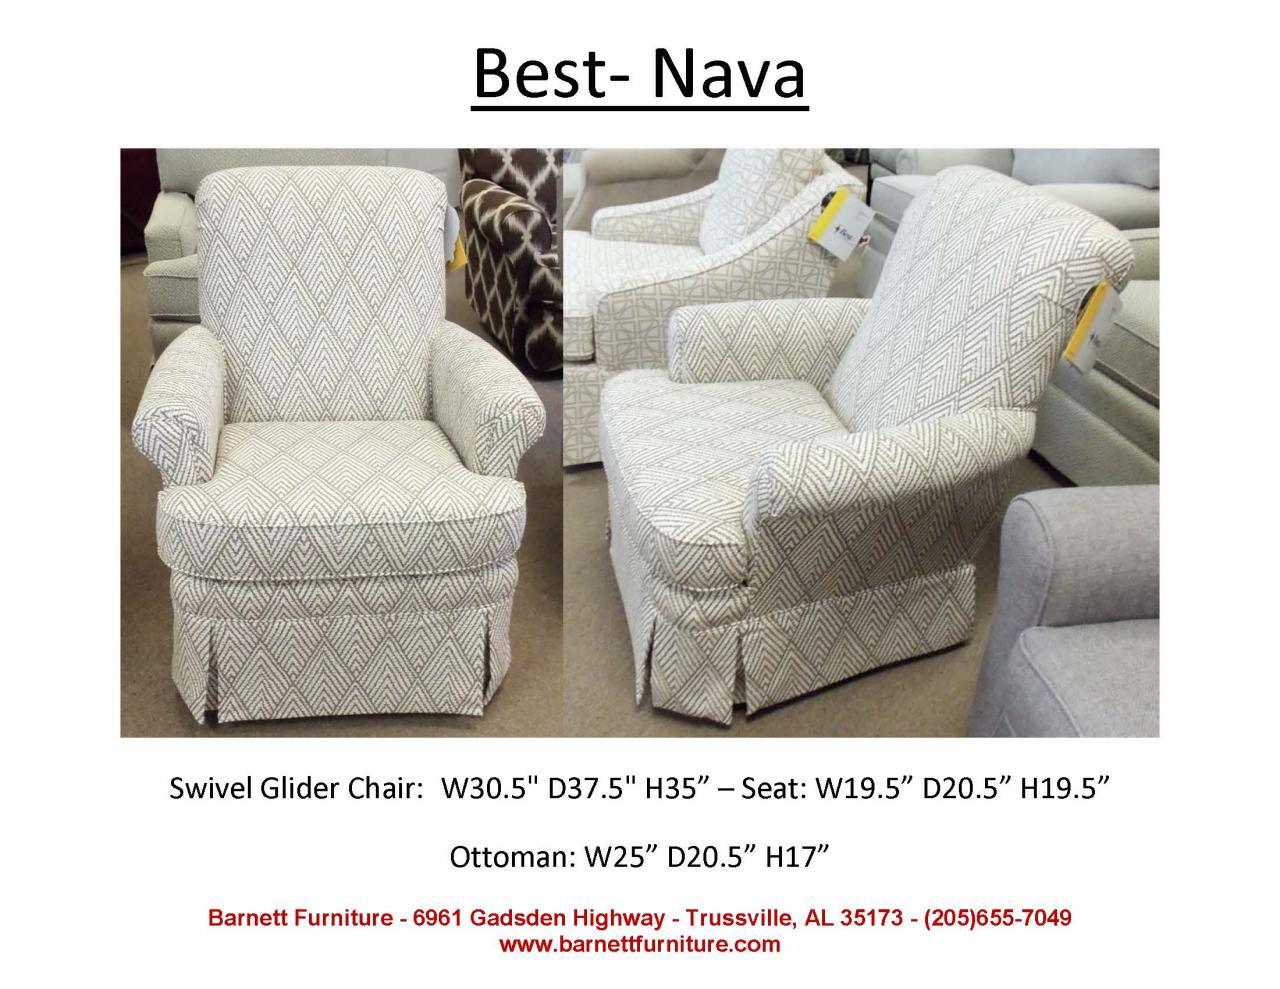 Best chair swivel glider -  Glider Best Hagan Swivel Chair Southern Furniture 4566 Best Nava